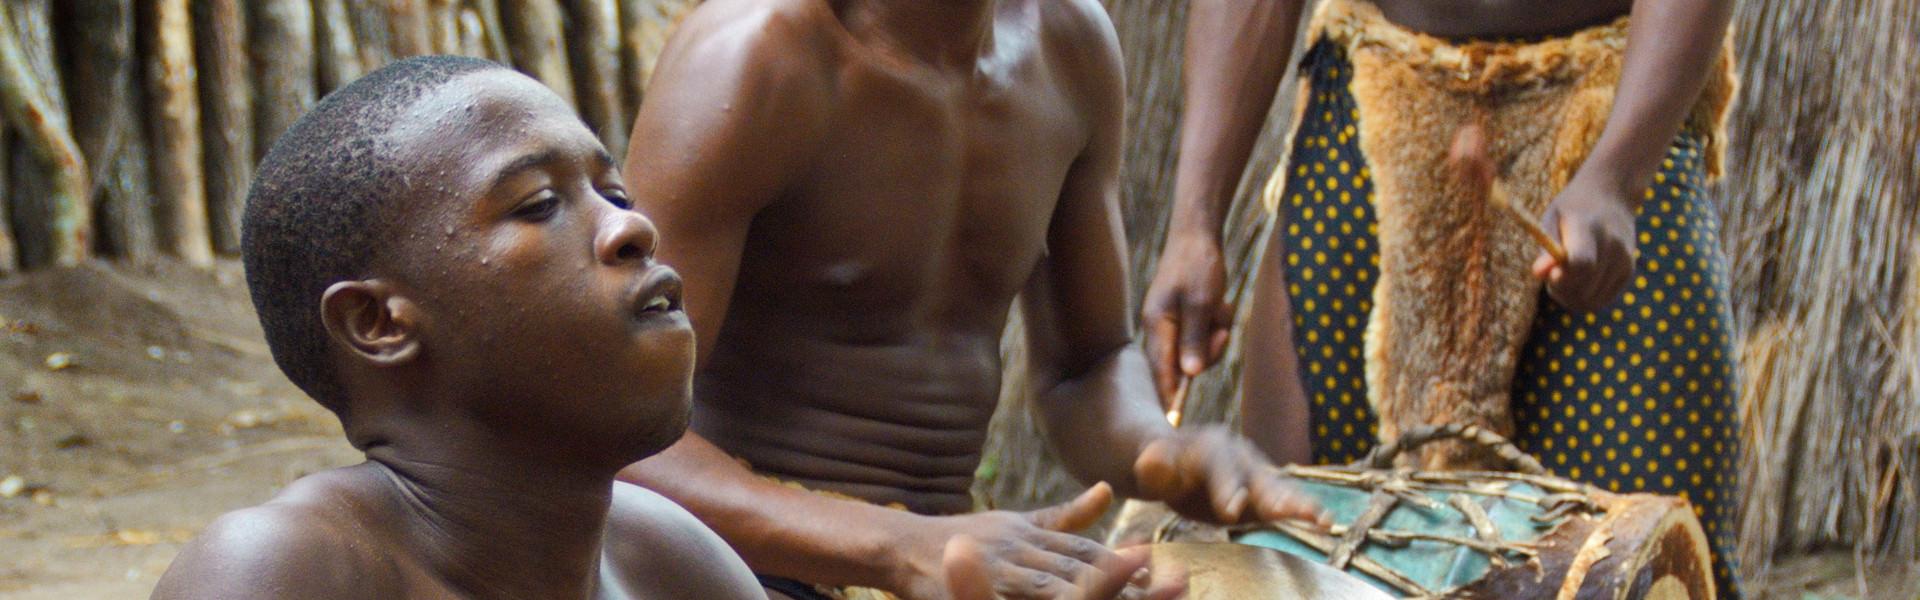 Mietwagenreisen Südafrika - Ureinwohner-Reisen